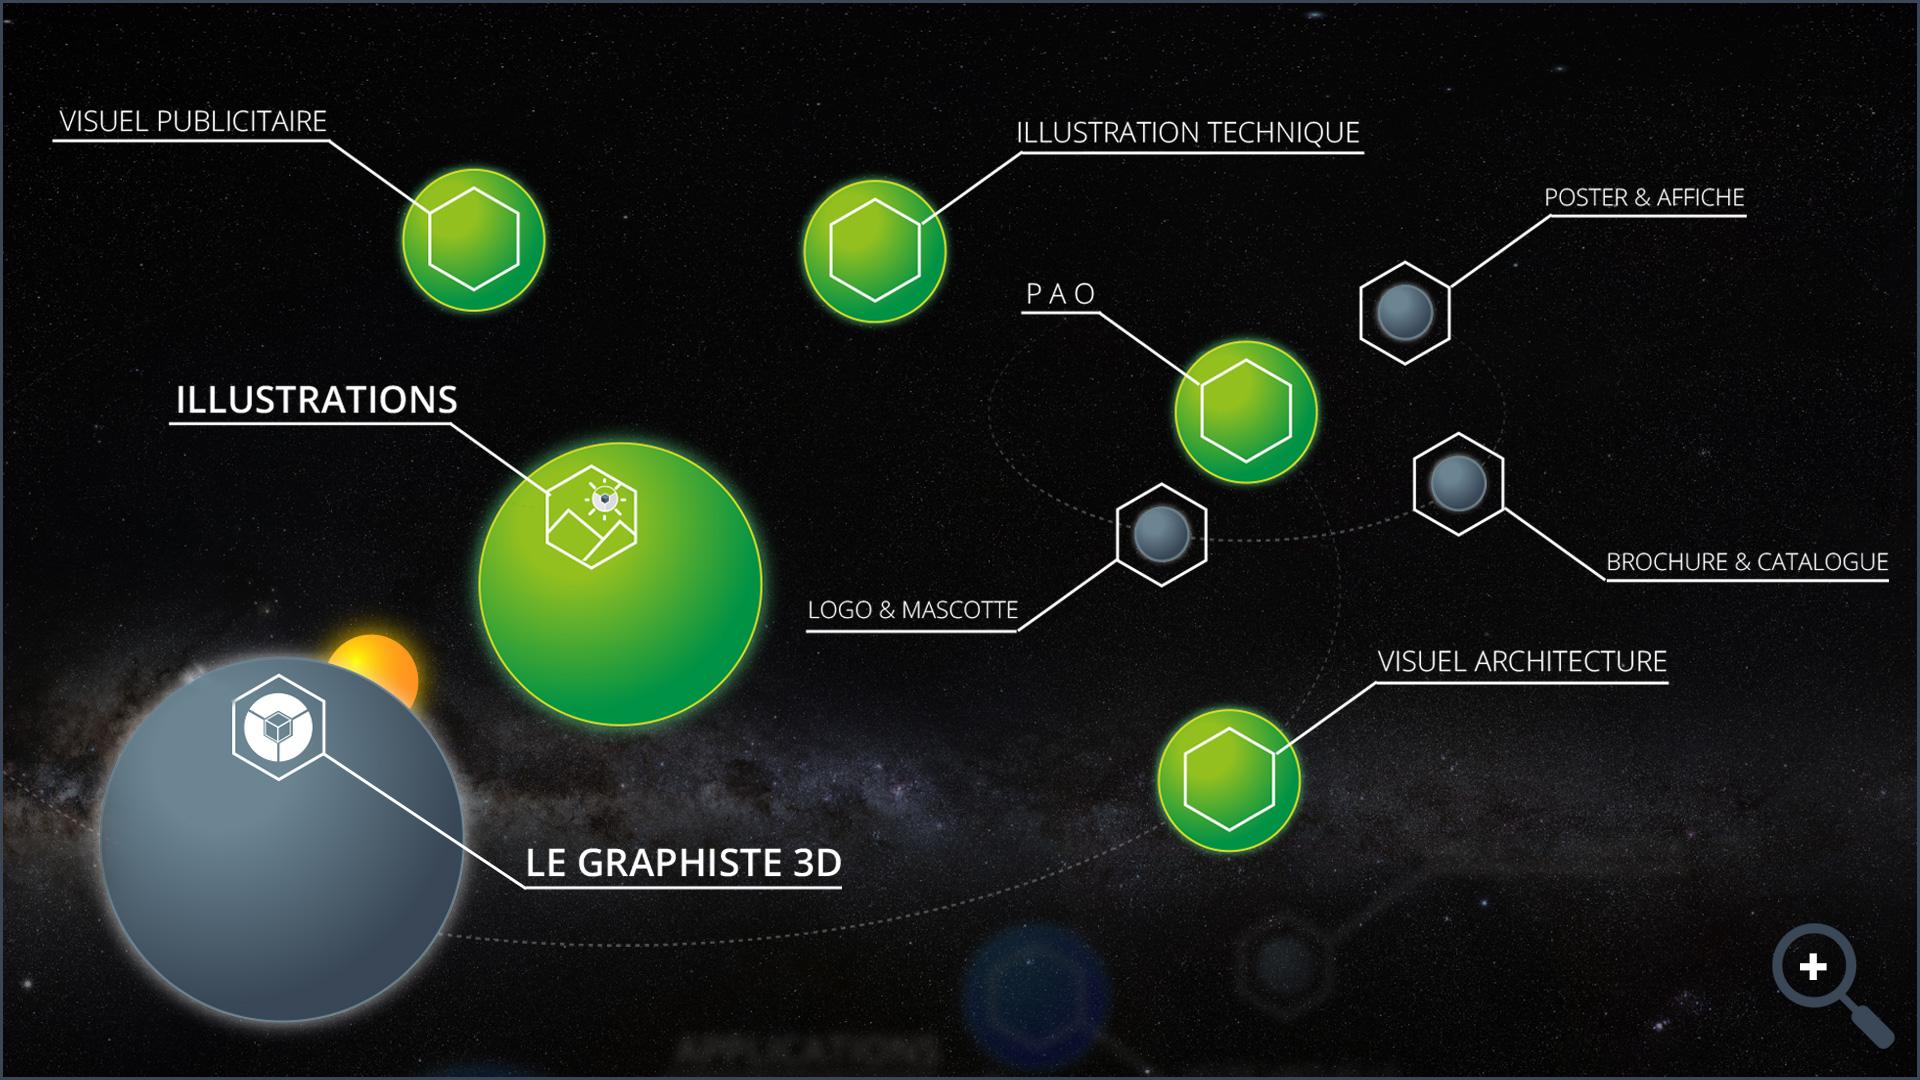 Réalisations - Illustrations - Le Graphiste 3D